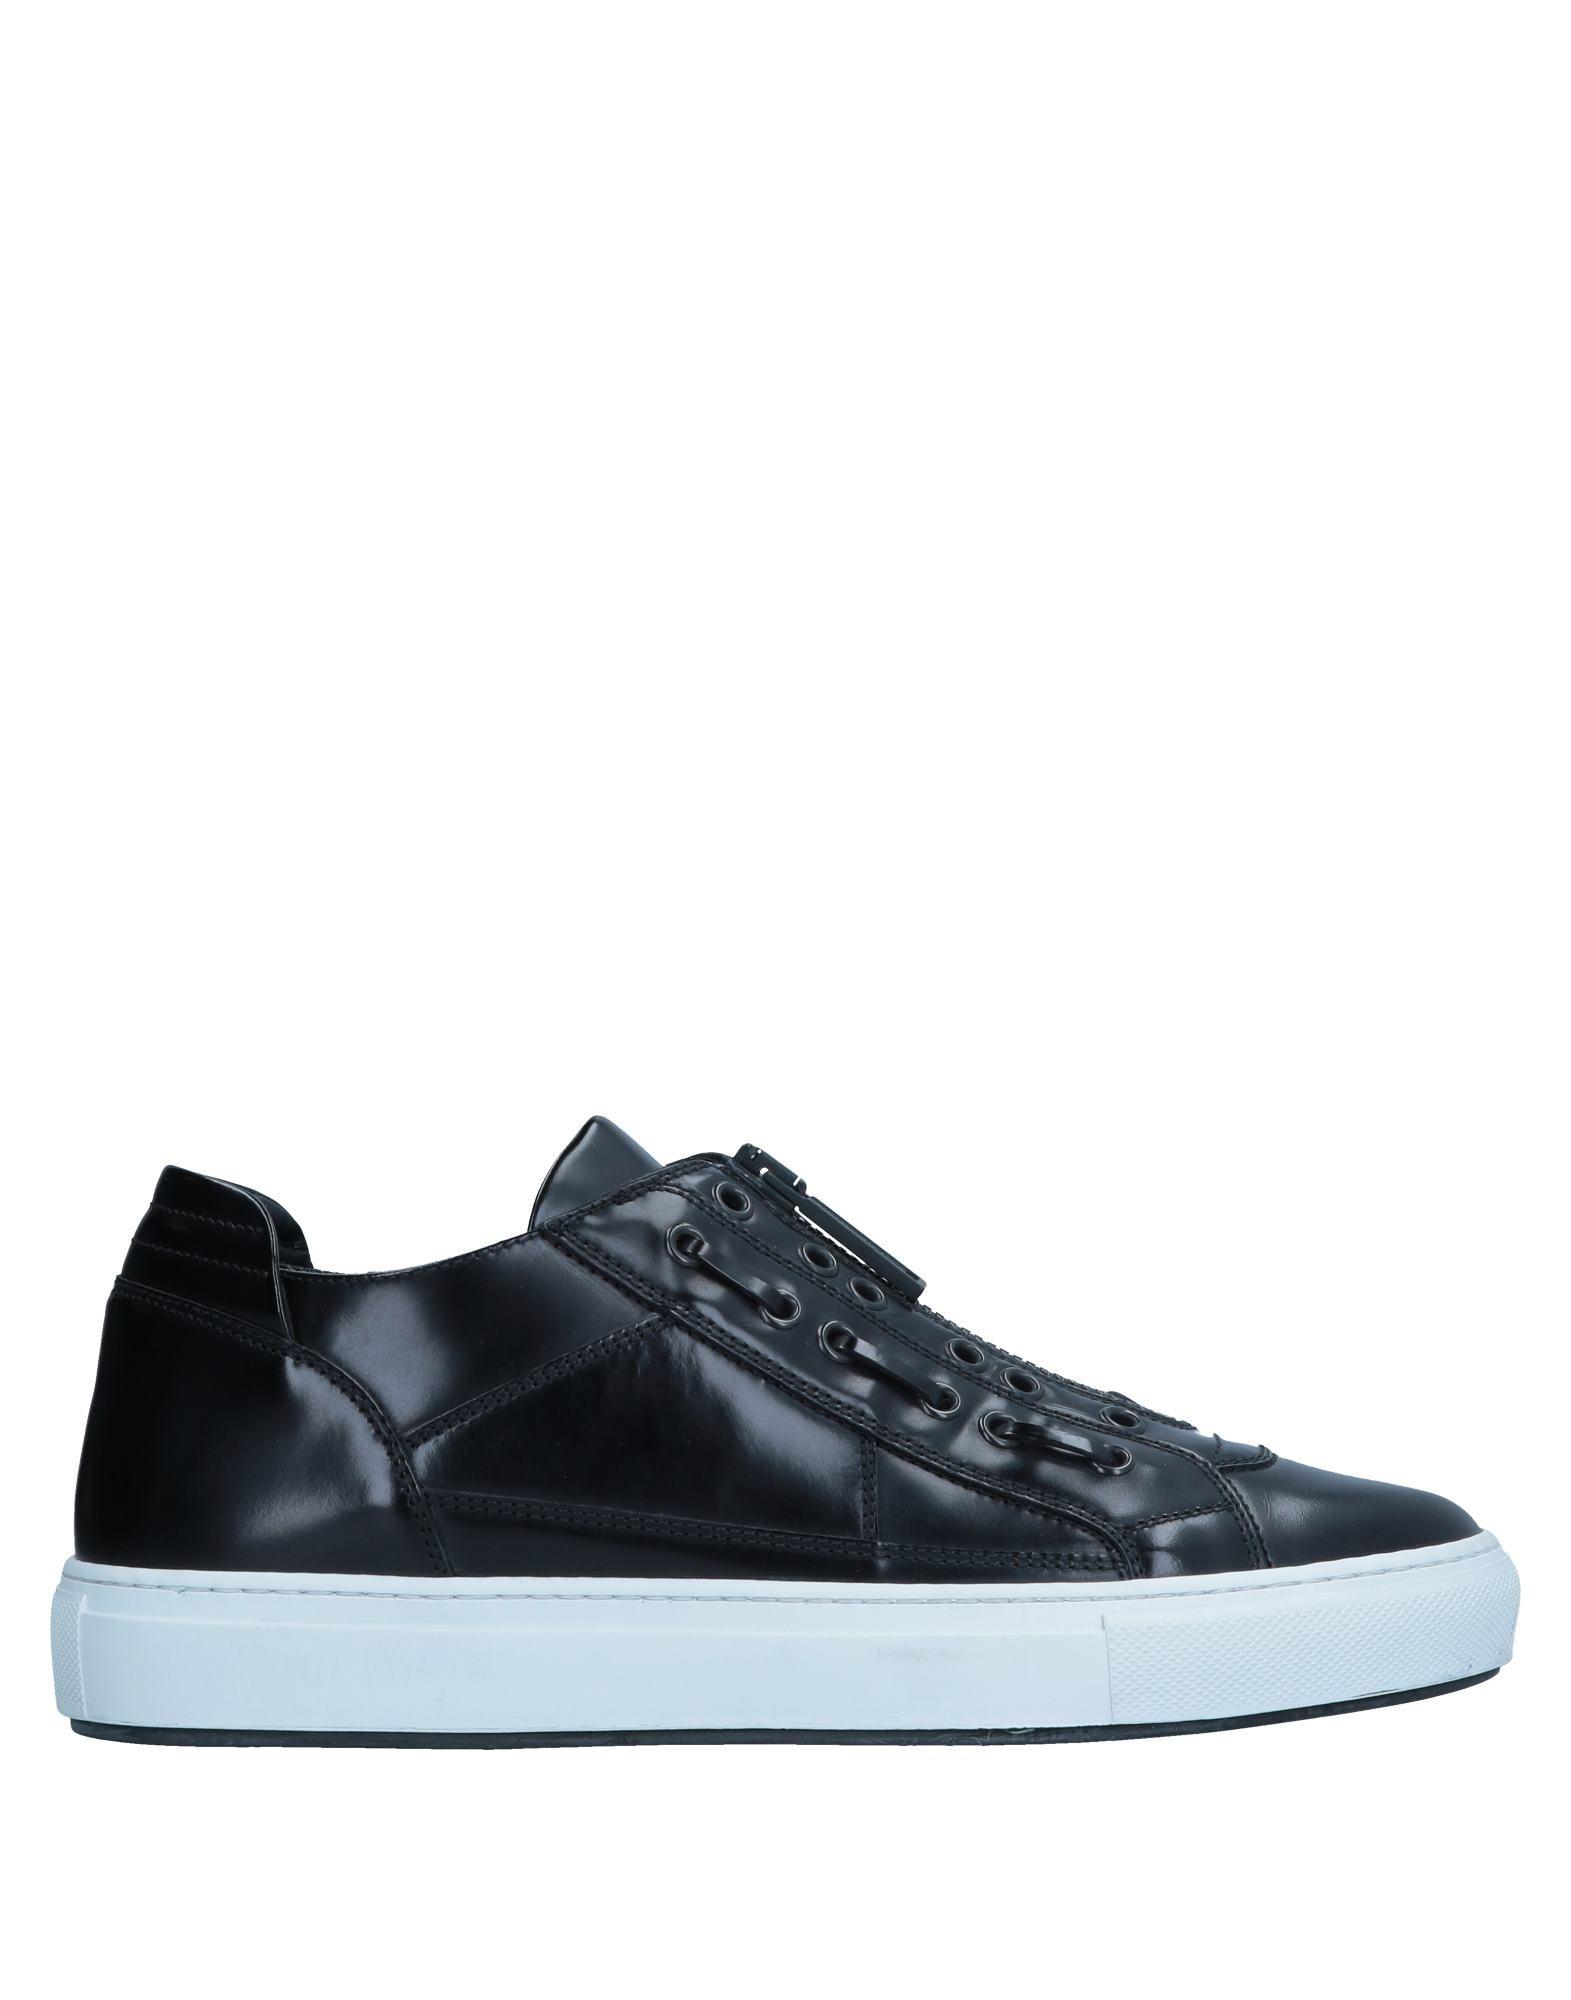 Dsquared2 Sneakers Herren  11545735UH Gute Qualität beliebte Schuhe